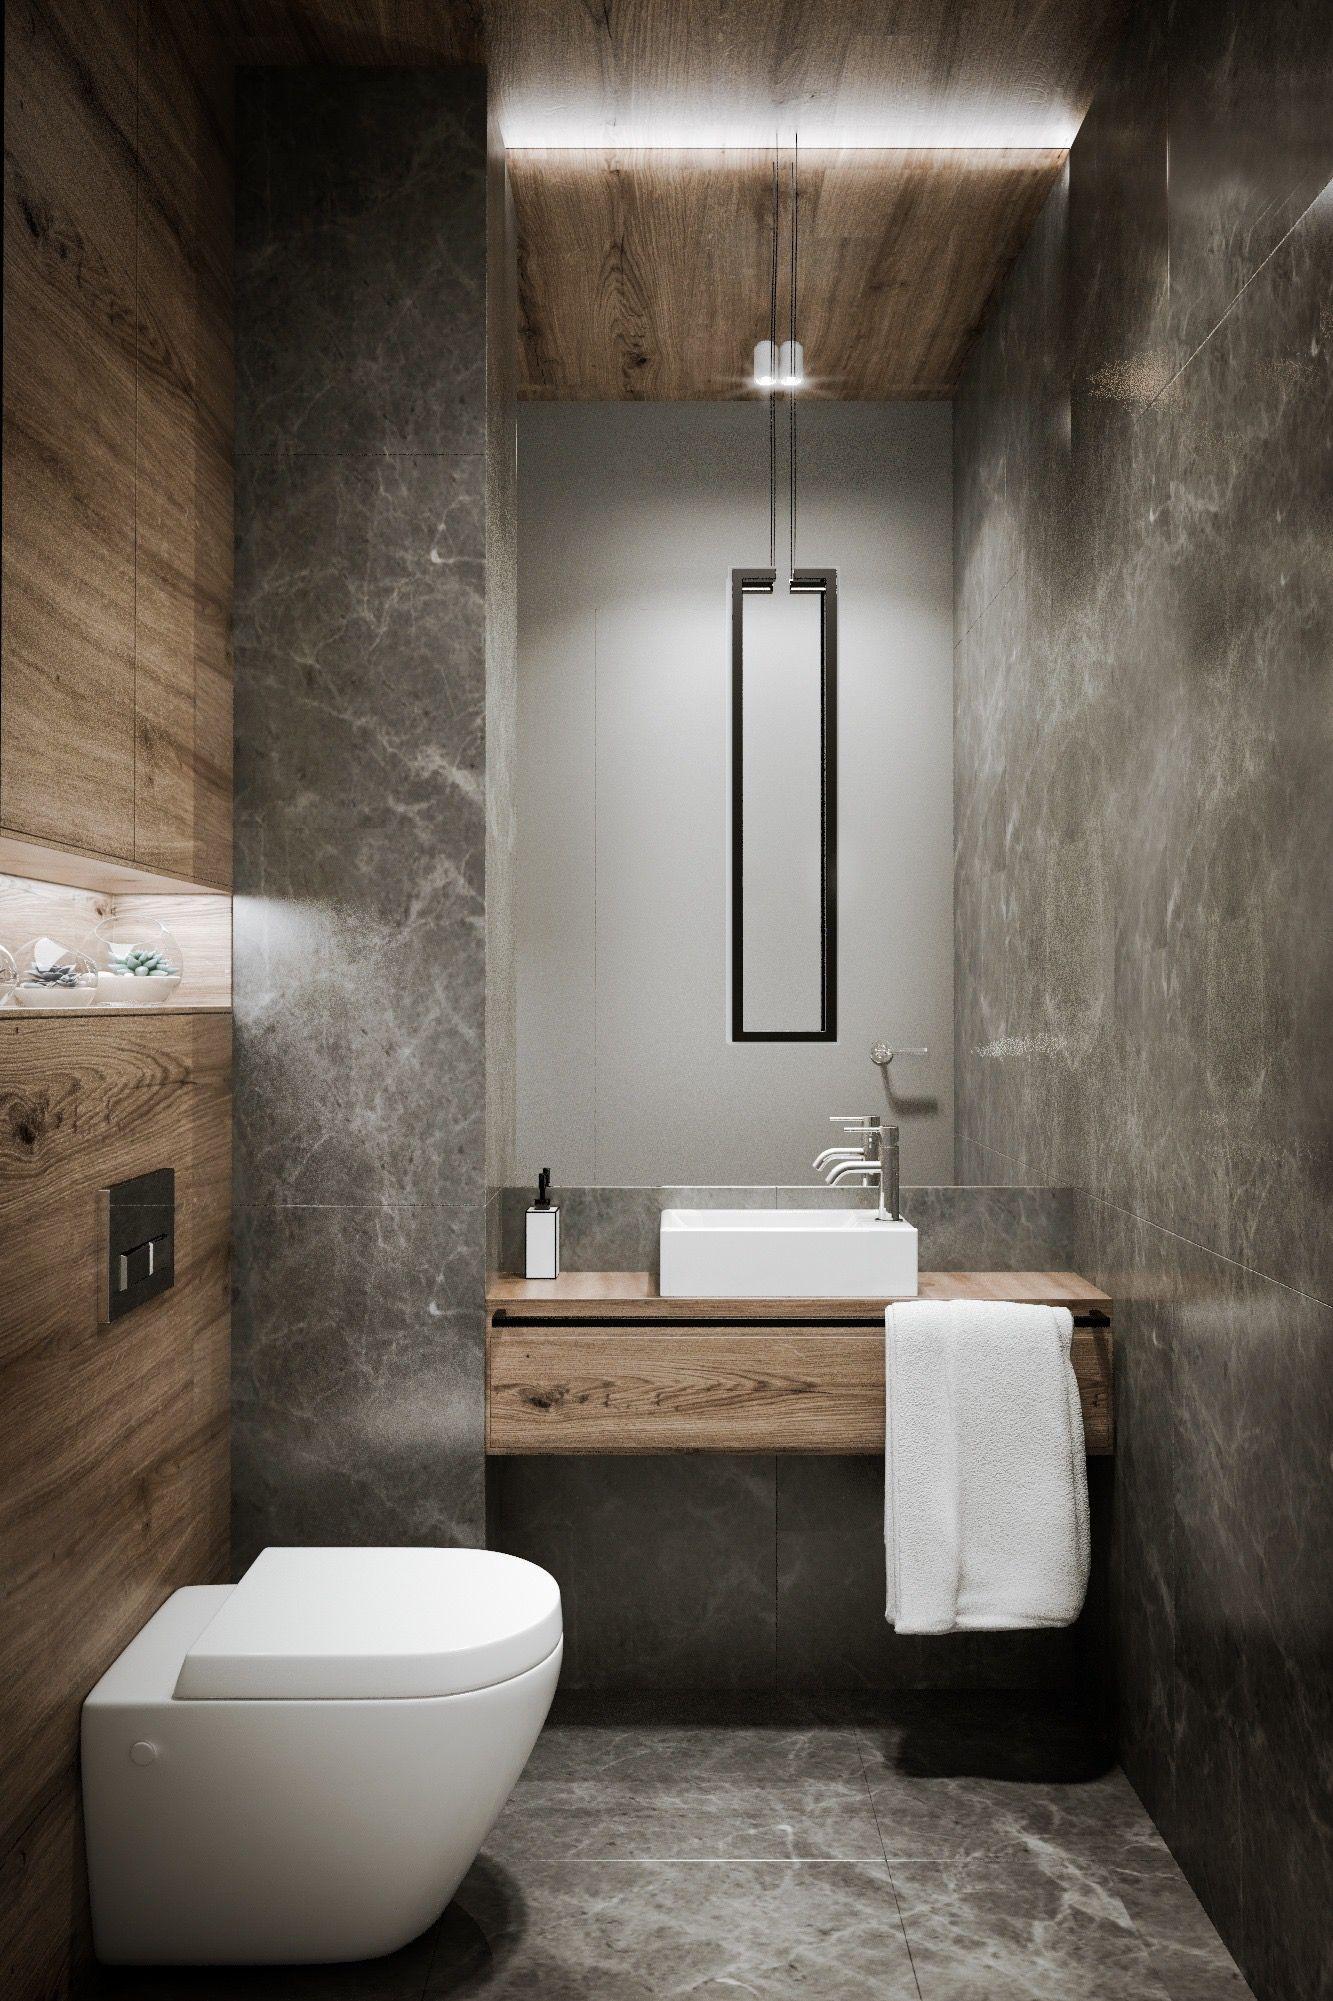 Salle de bains moderne effet b ton cir avec vasque carr e for Salle de bain wc design